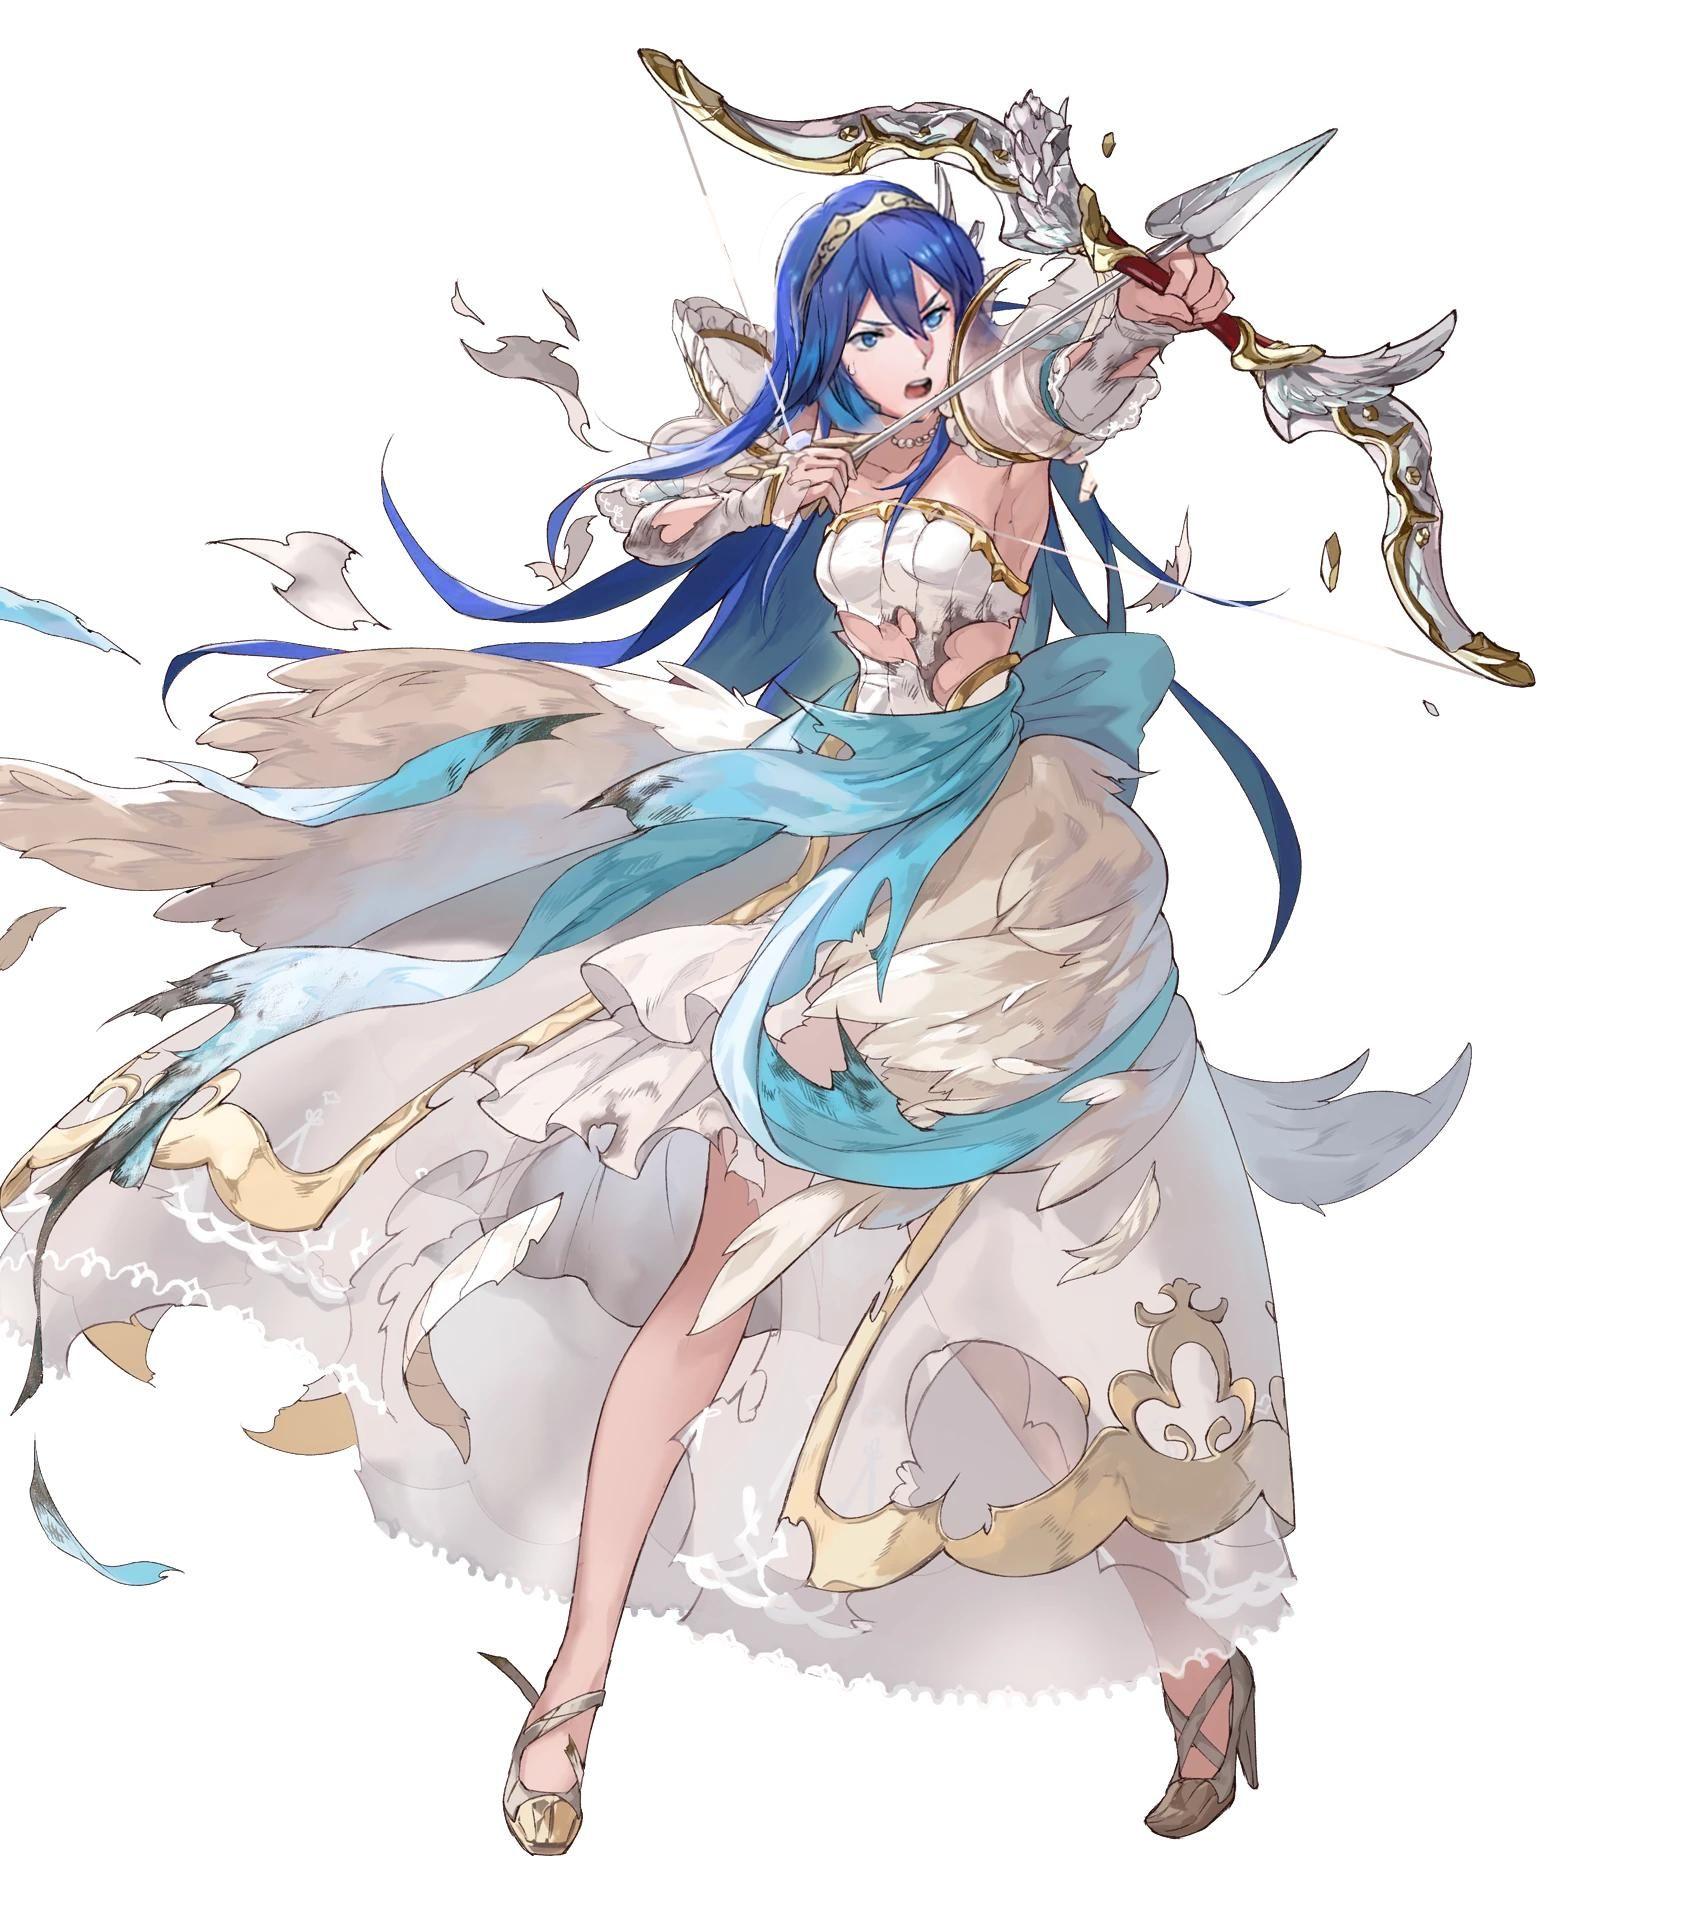 Pingl par mlle cerise sur fire emblem awakening pinterest fairy tail natsu dragnir et anime - Embleme fairy tail ...